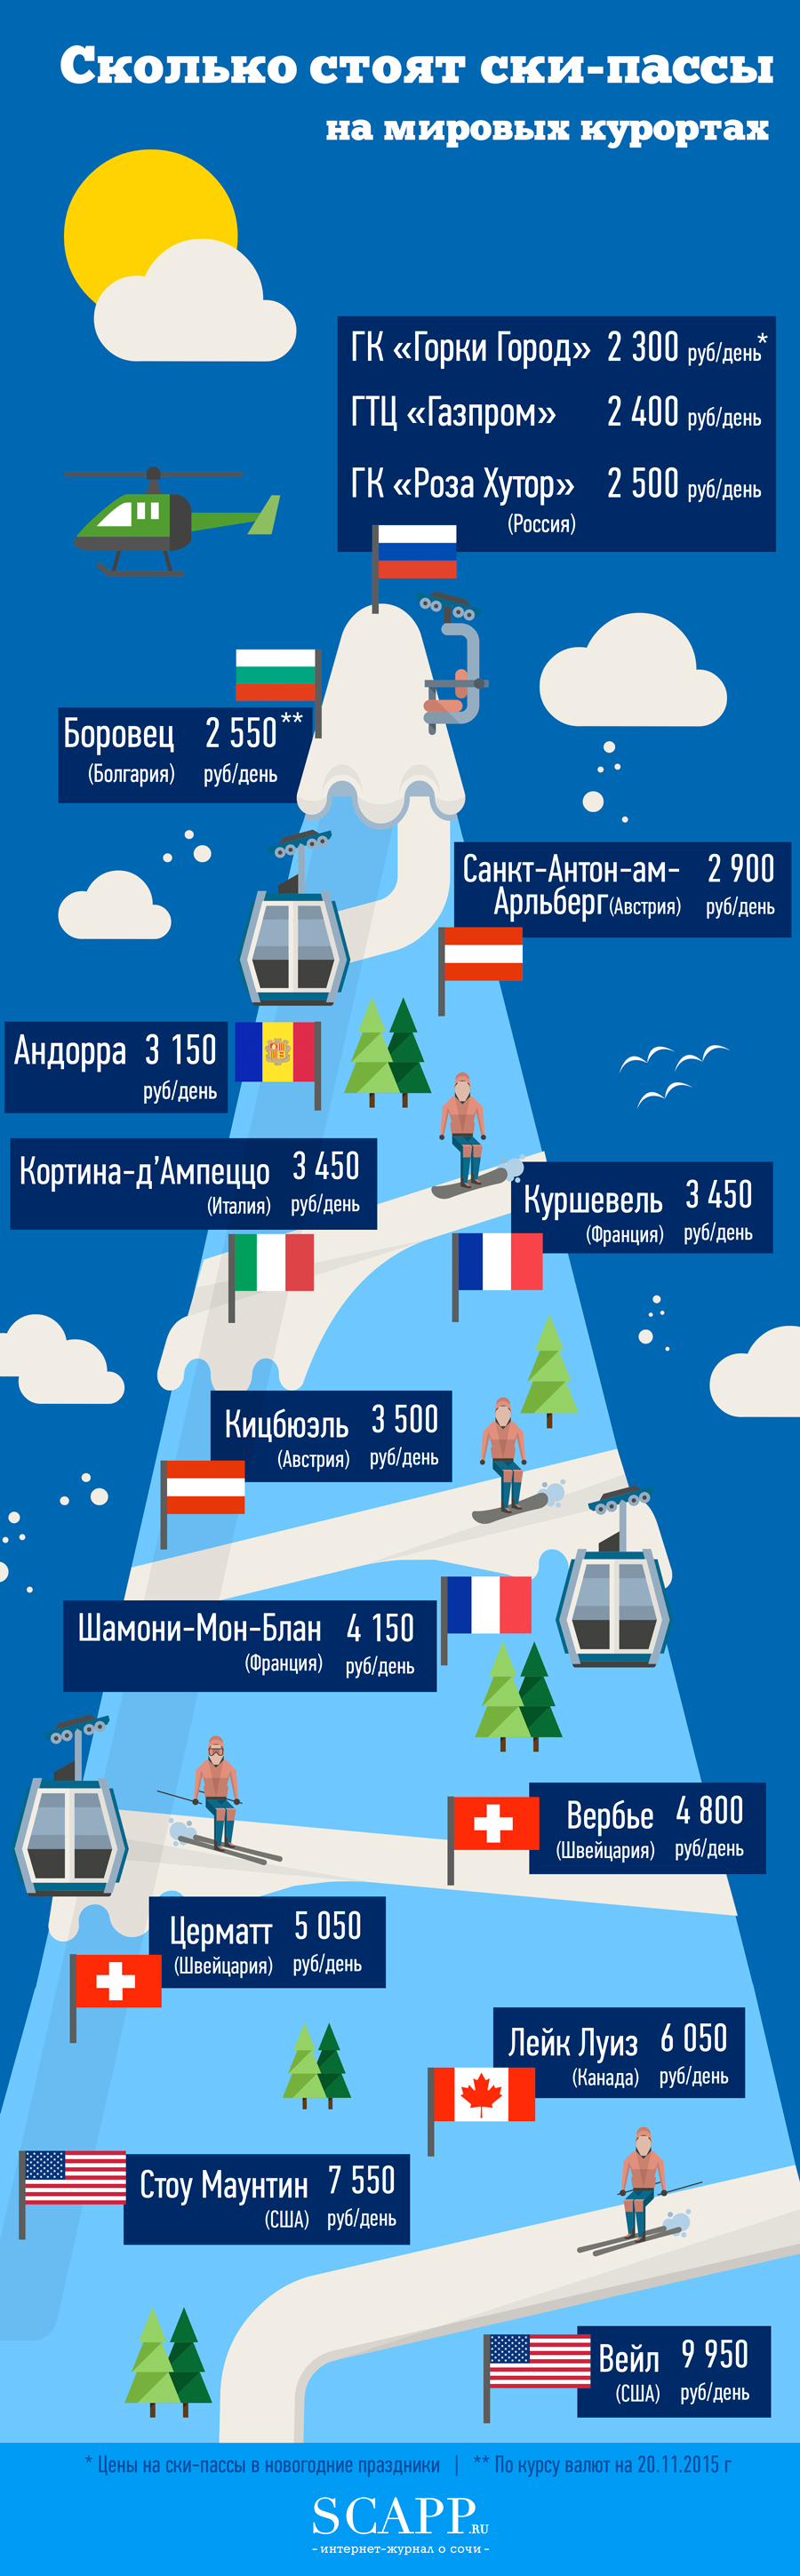 Инфографика цены ски-пассы на горнолыжных курортах мира